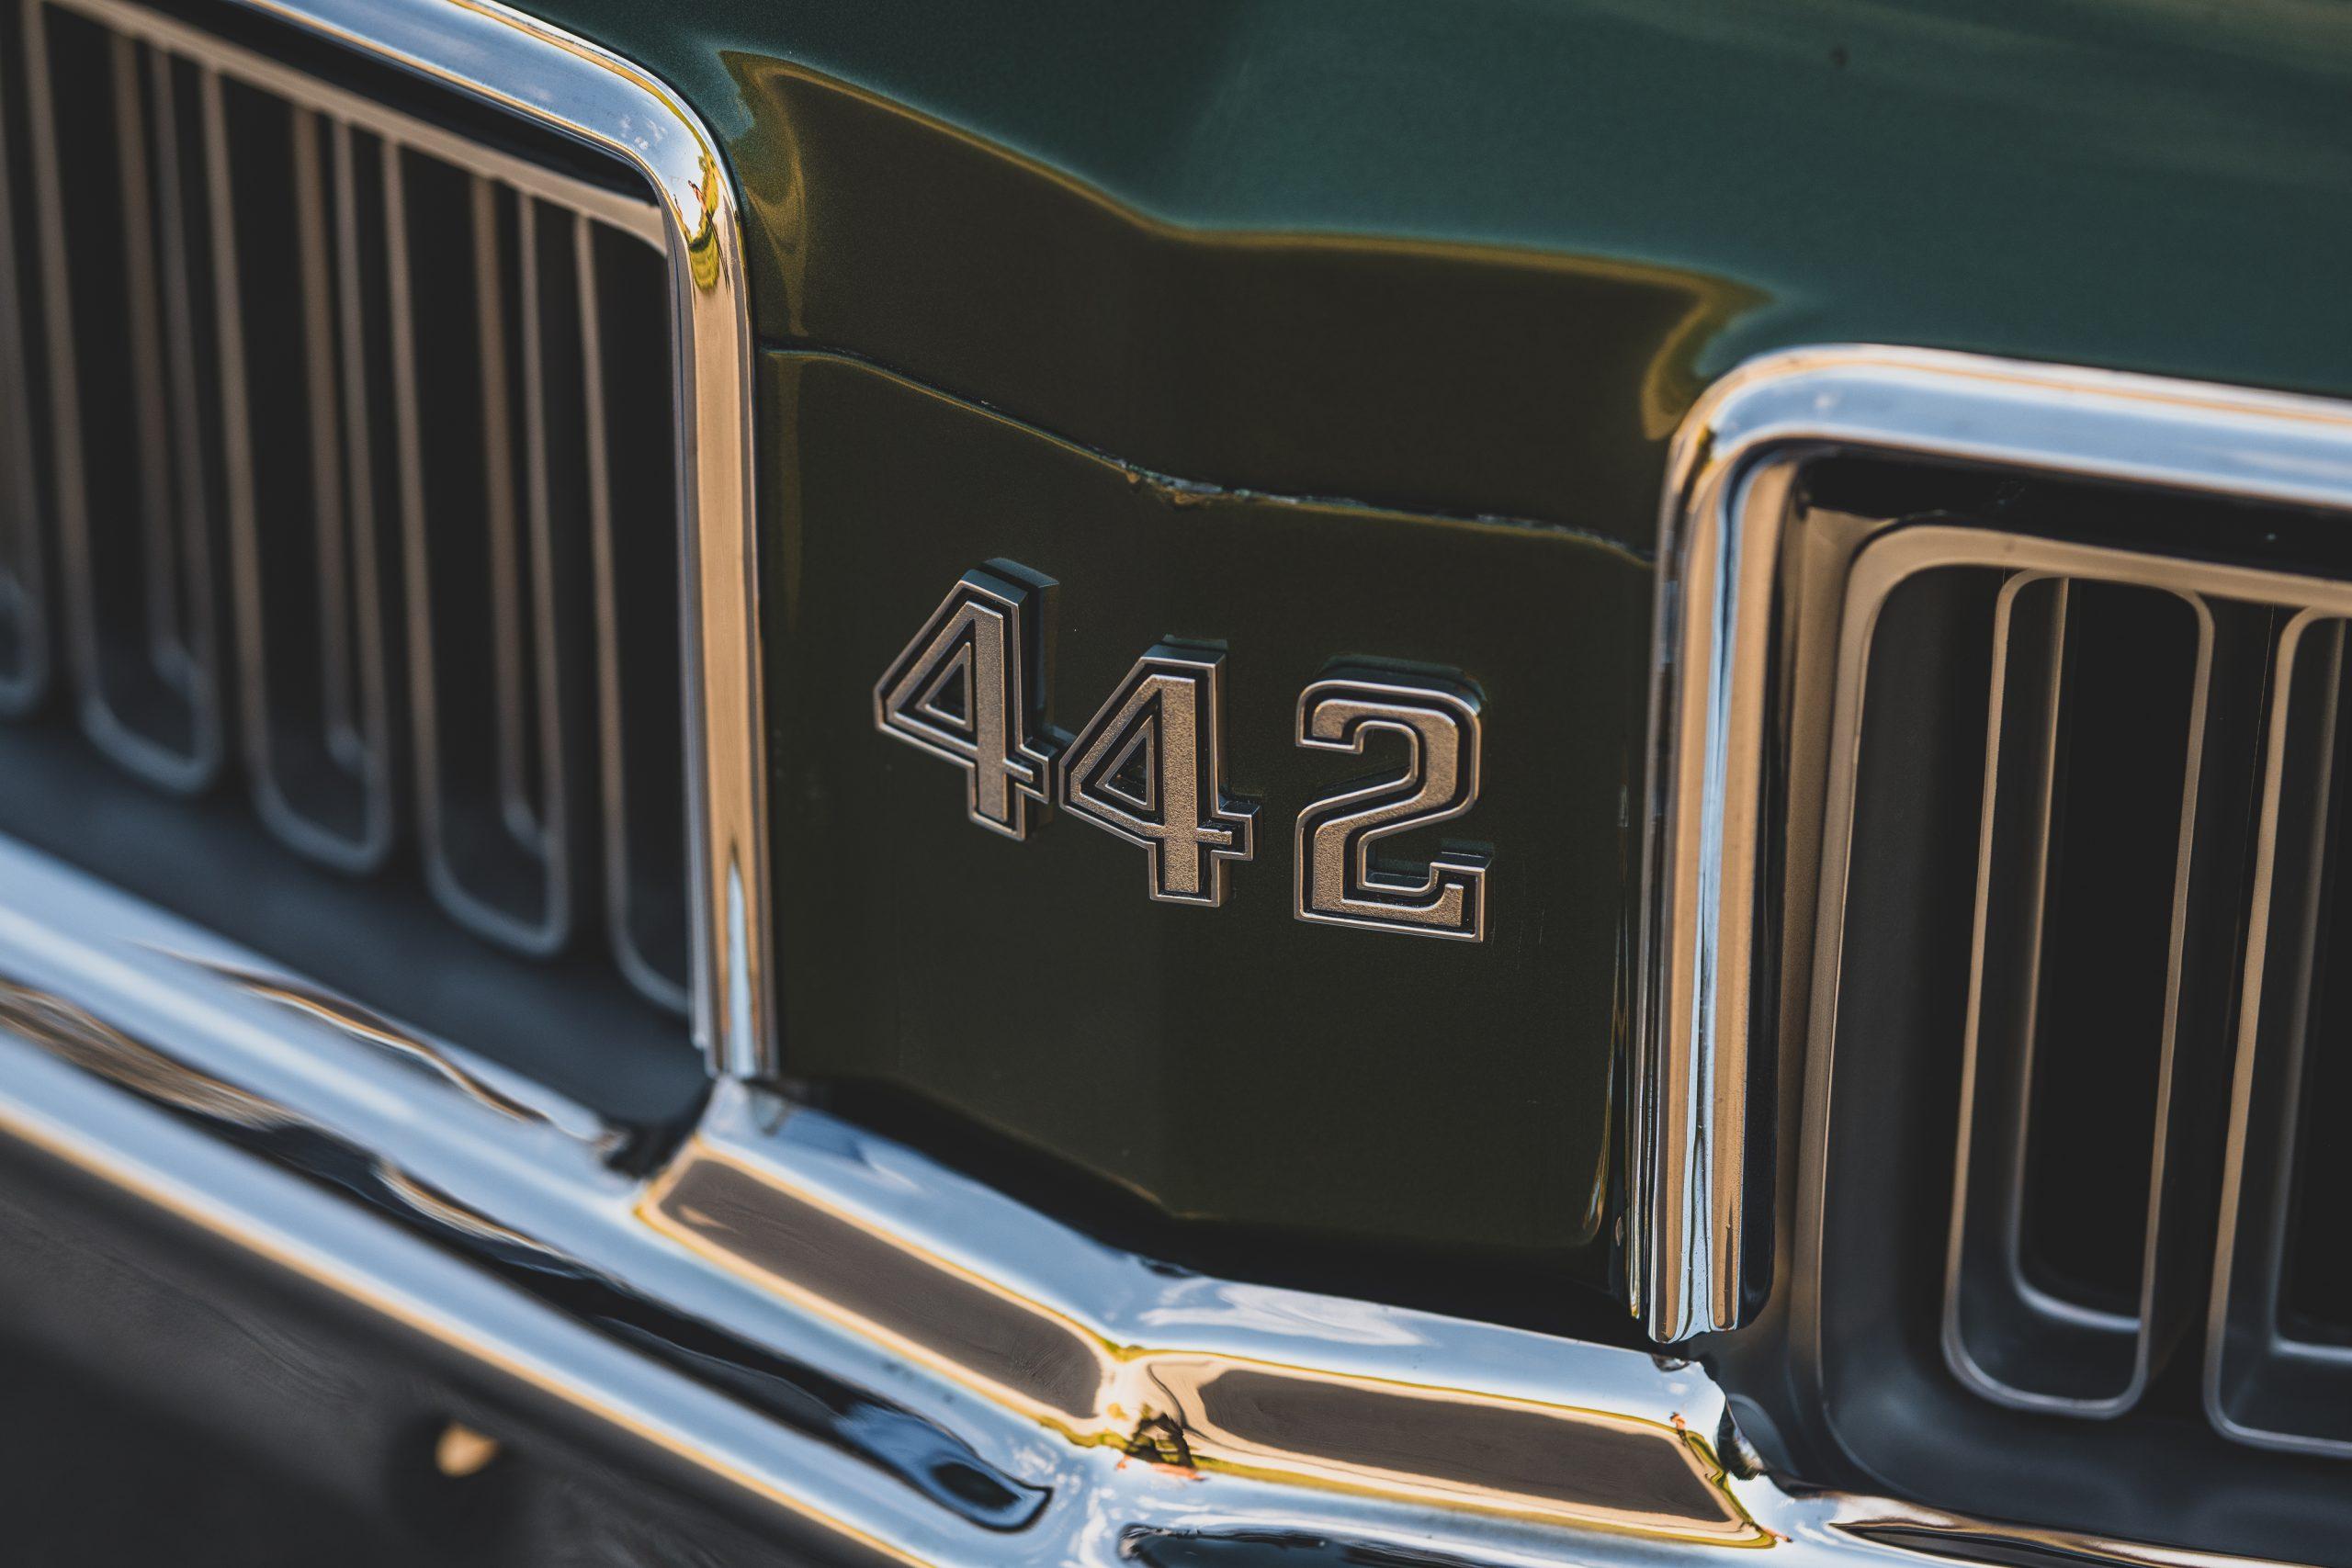 1970 Oldsmobile 442 Convertible Front Badge Emblem